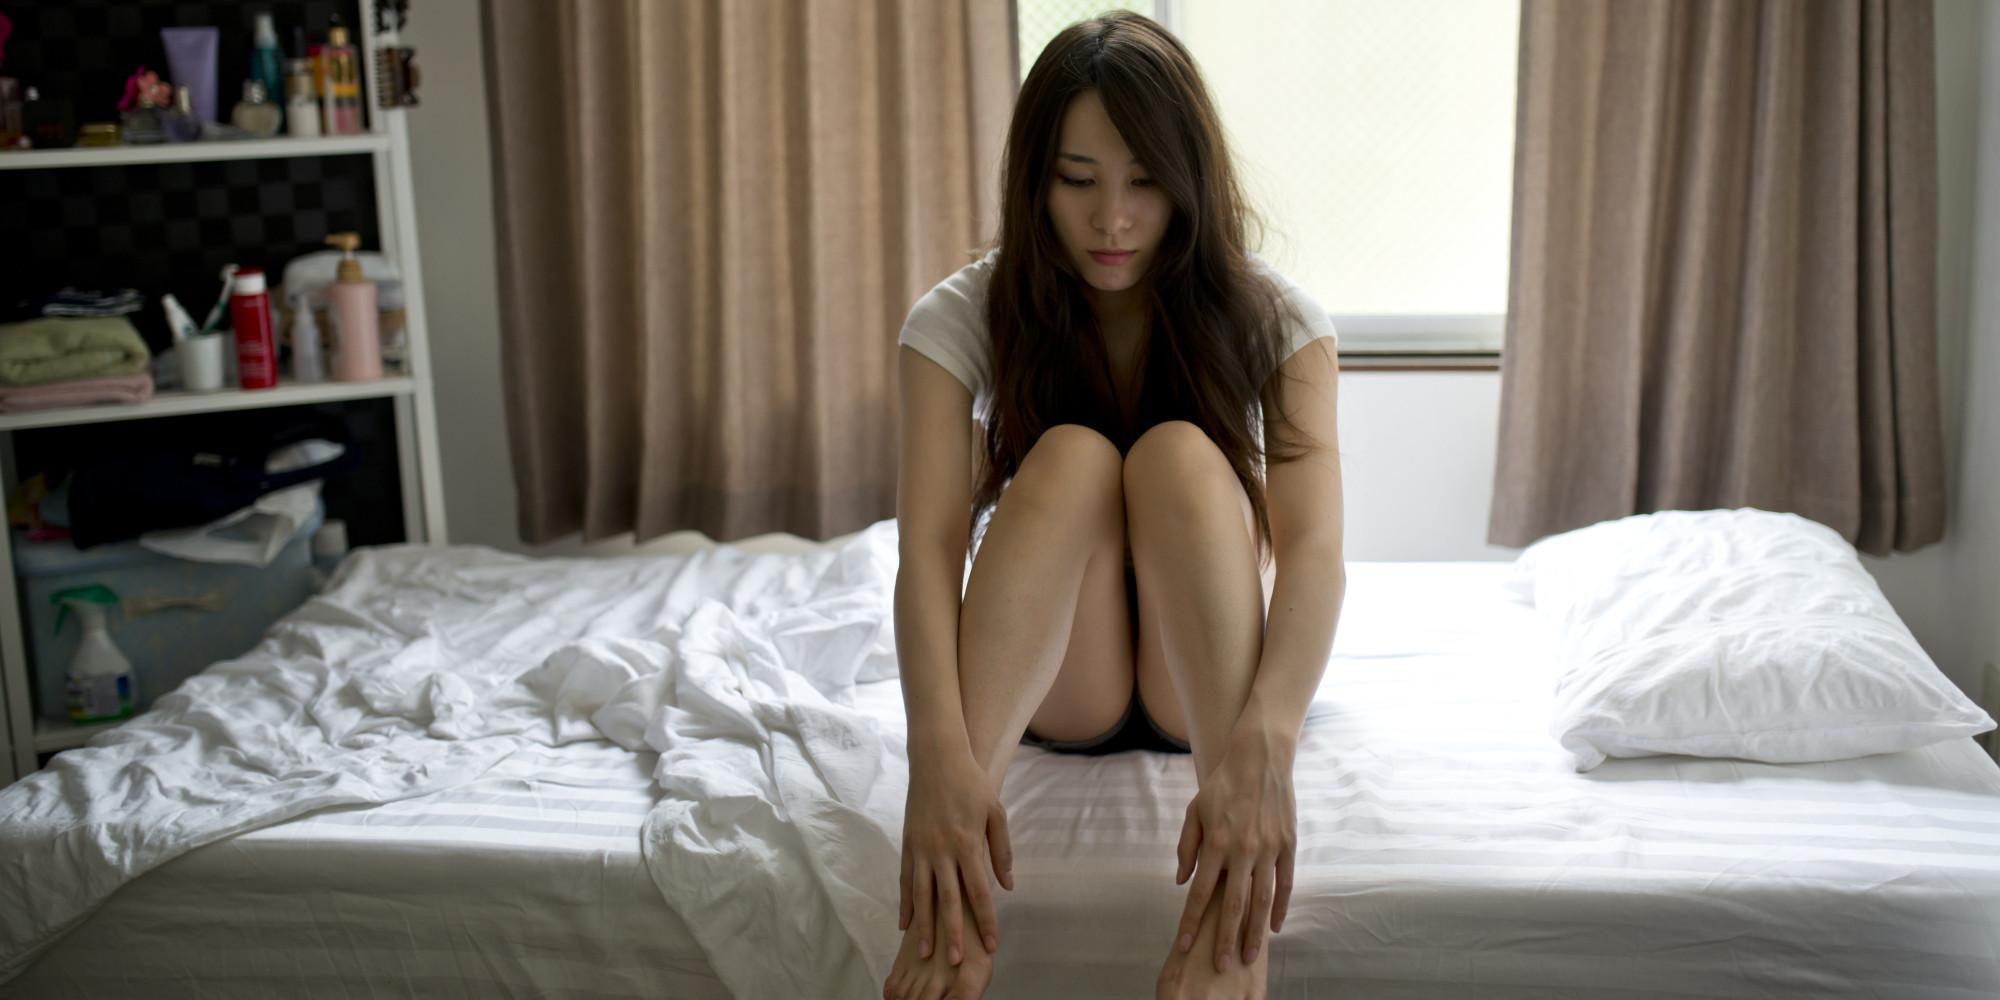 o-sad-woman-bedroom-facebook